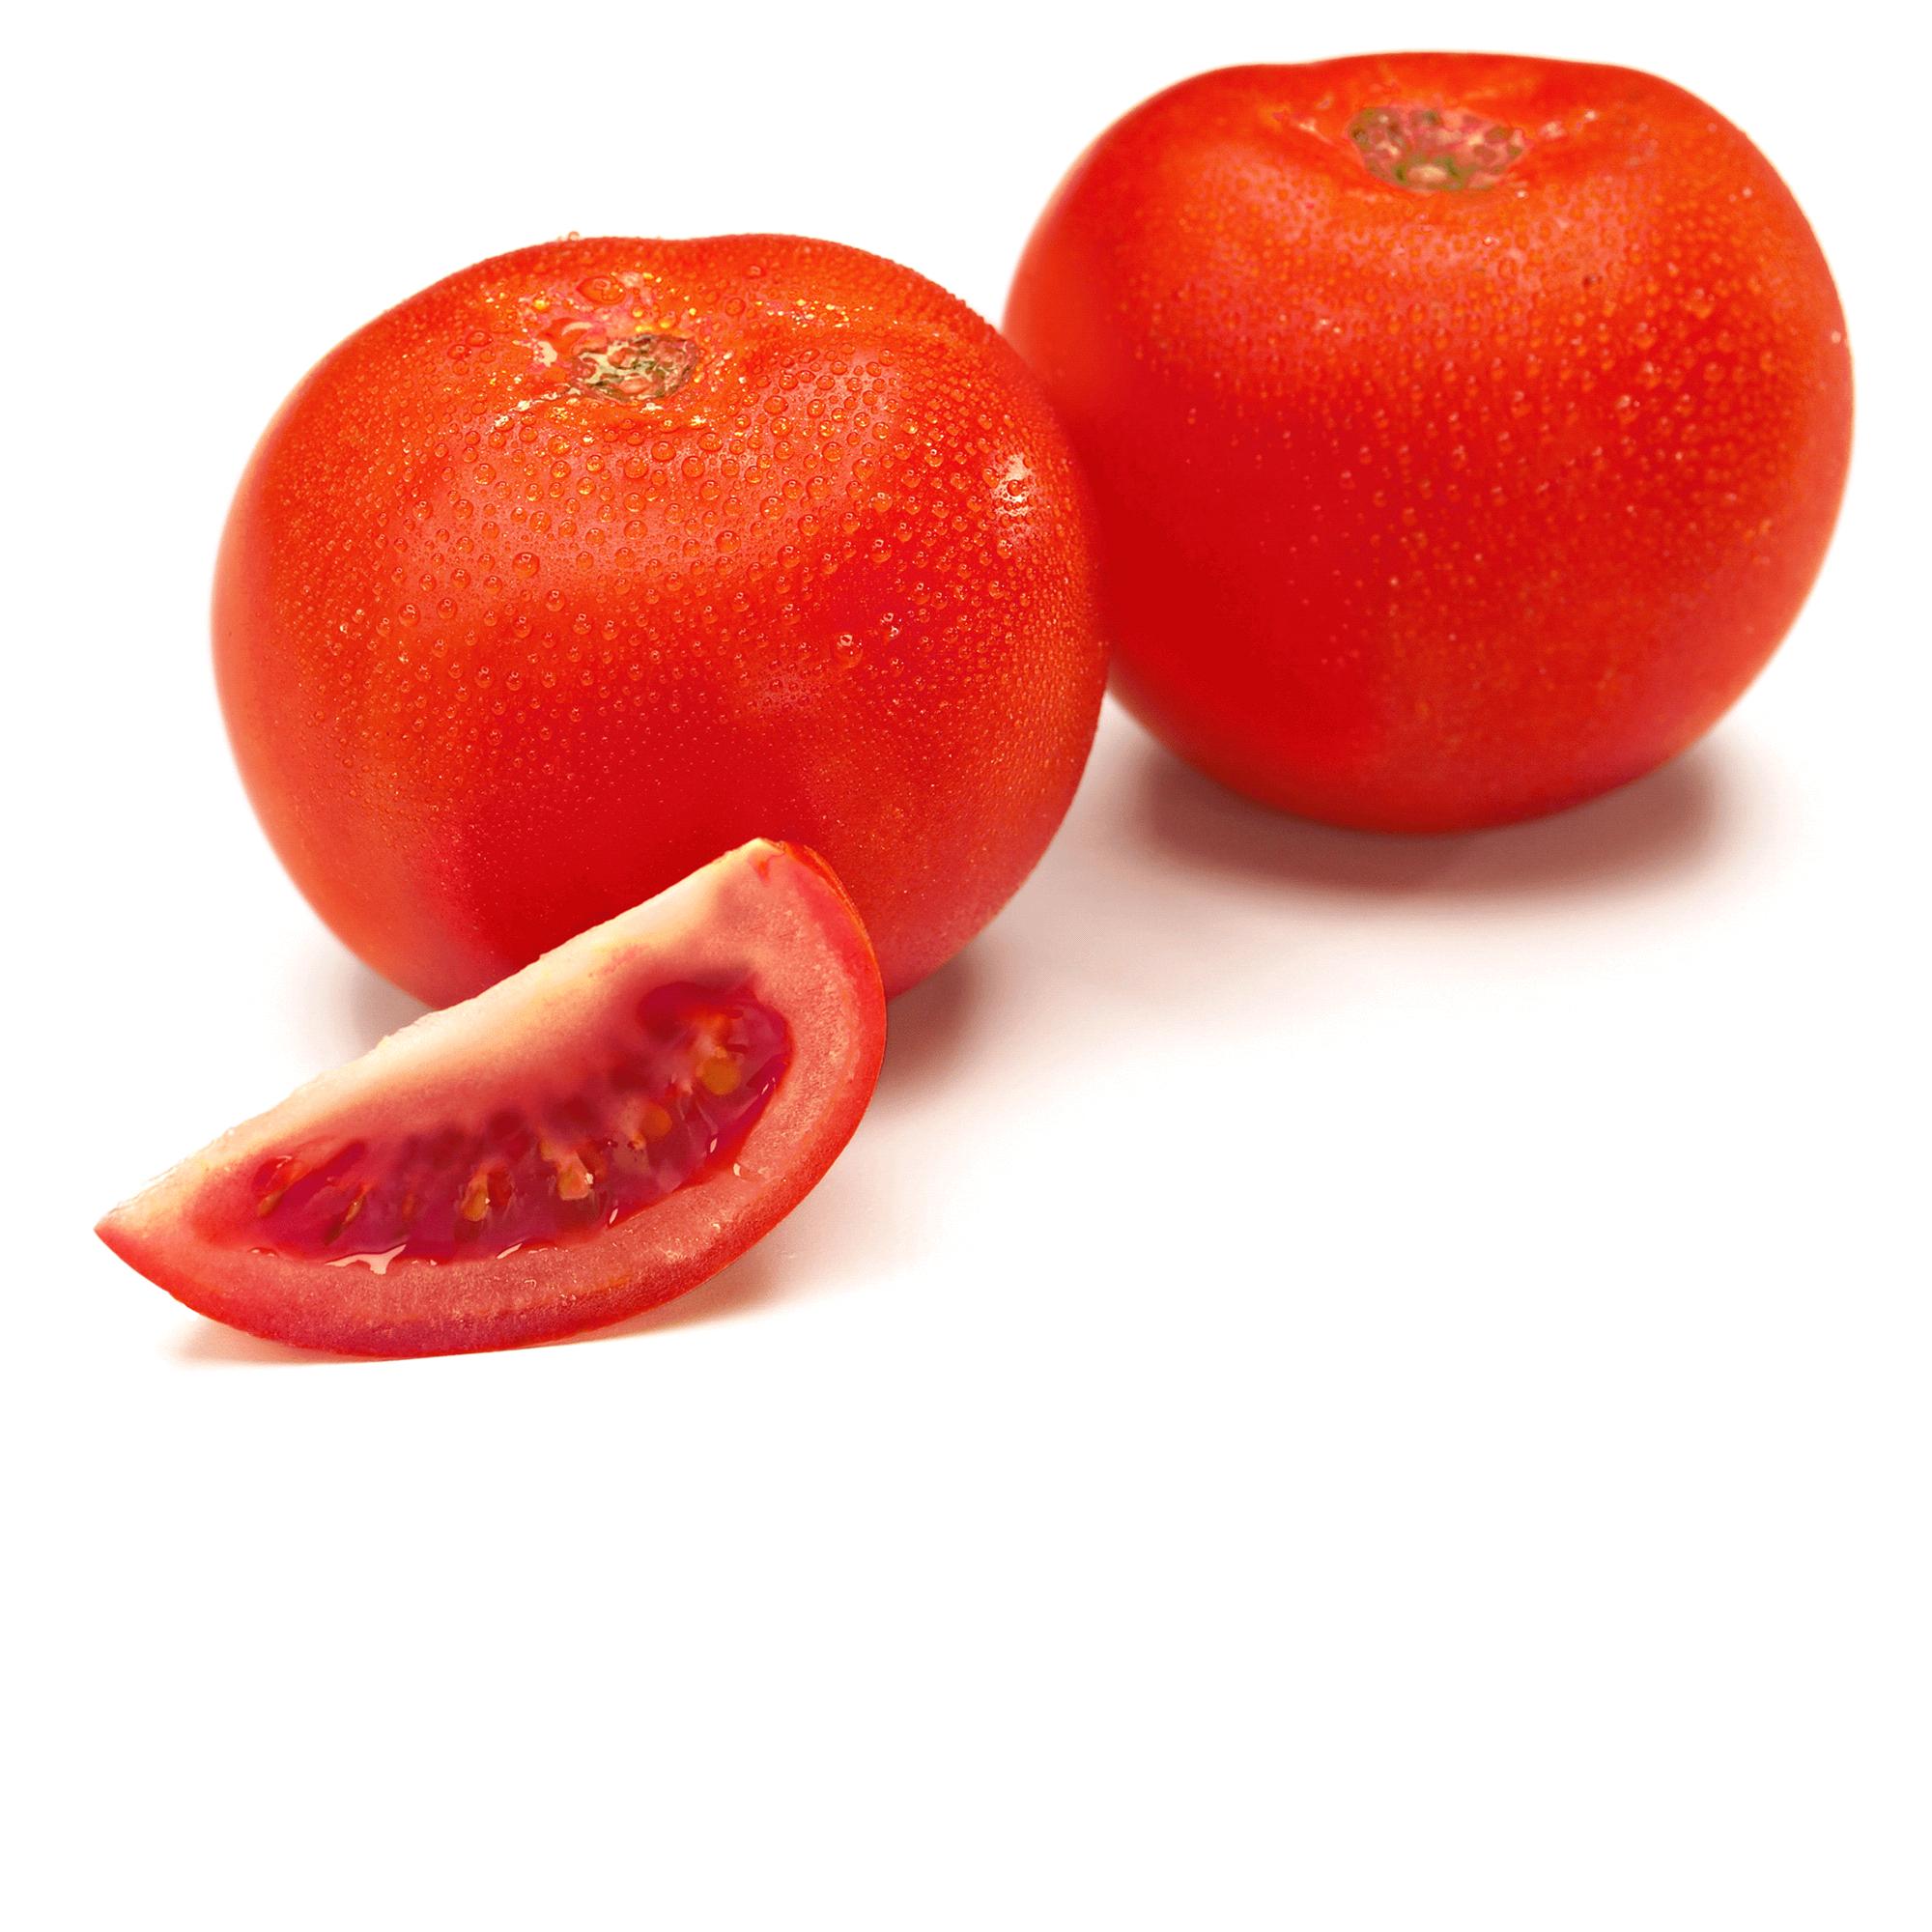 Vine-Ripe Tomato